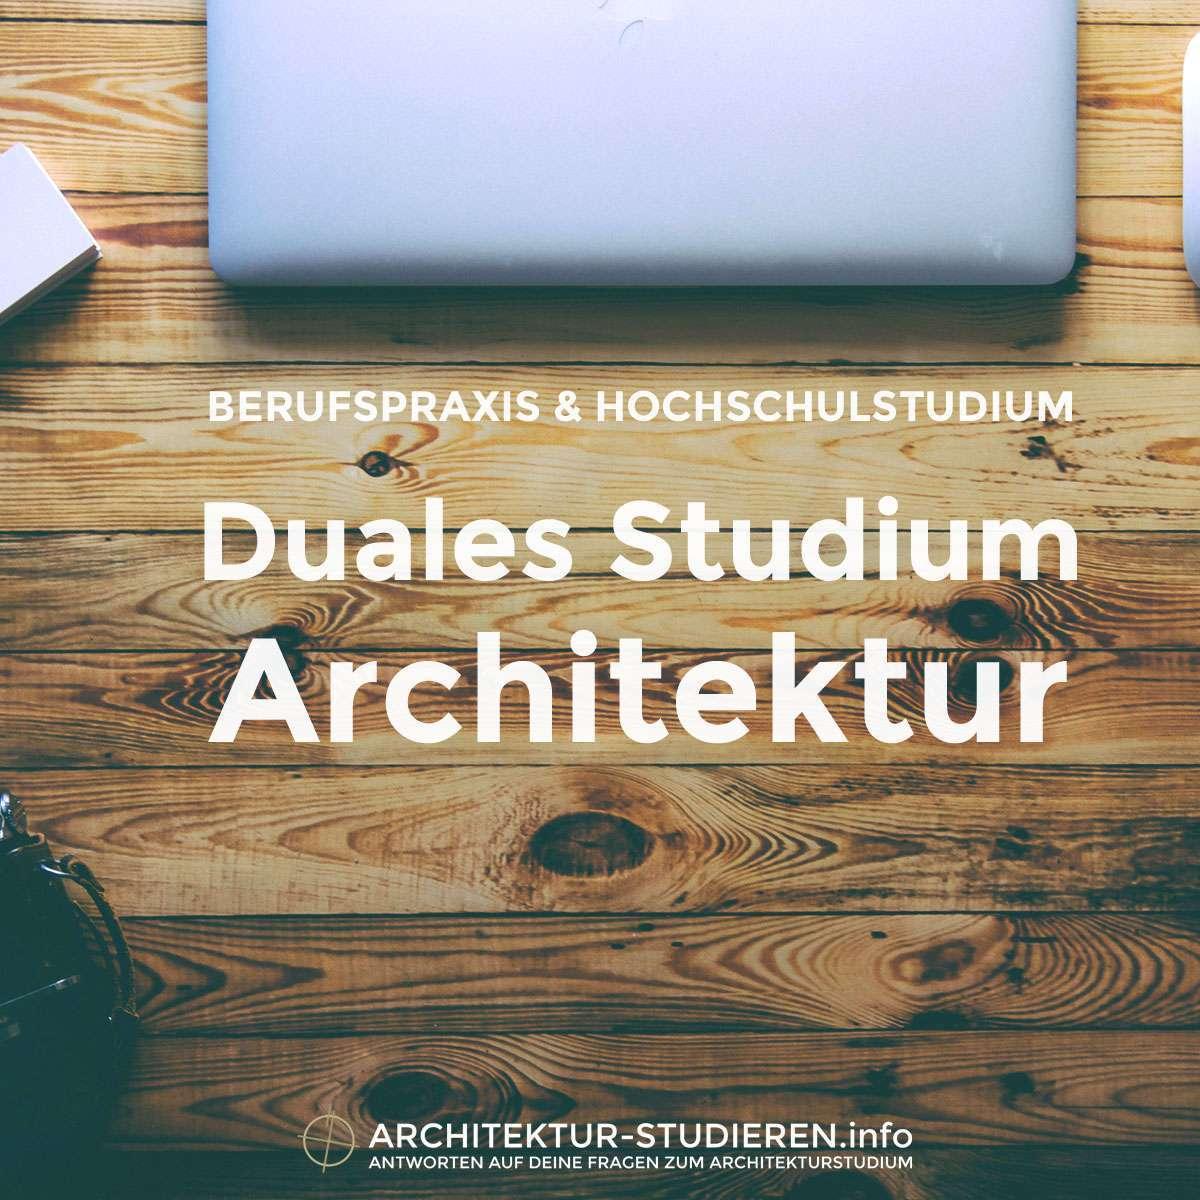 Berufspraxis & Hochschulstudium | Duales Studium Architektur | © architektur-studieren.info